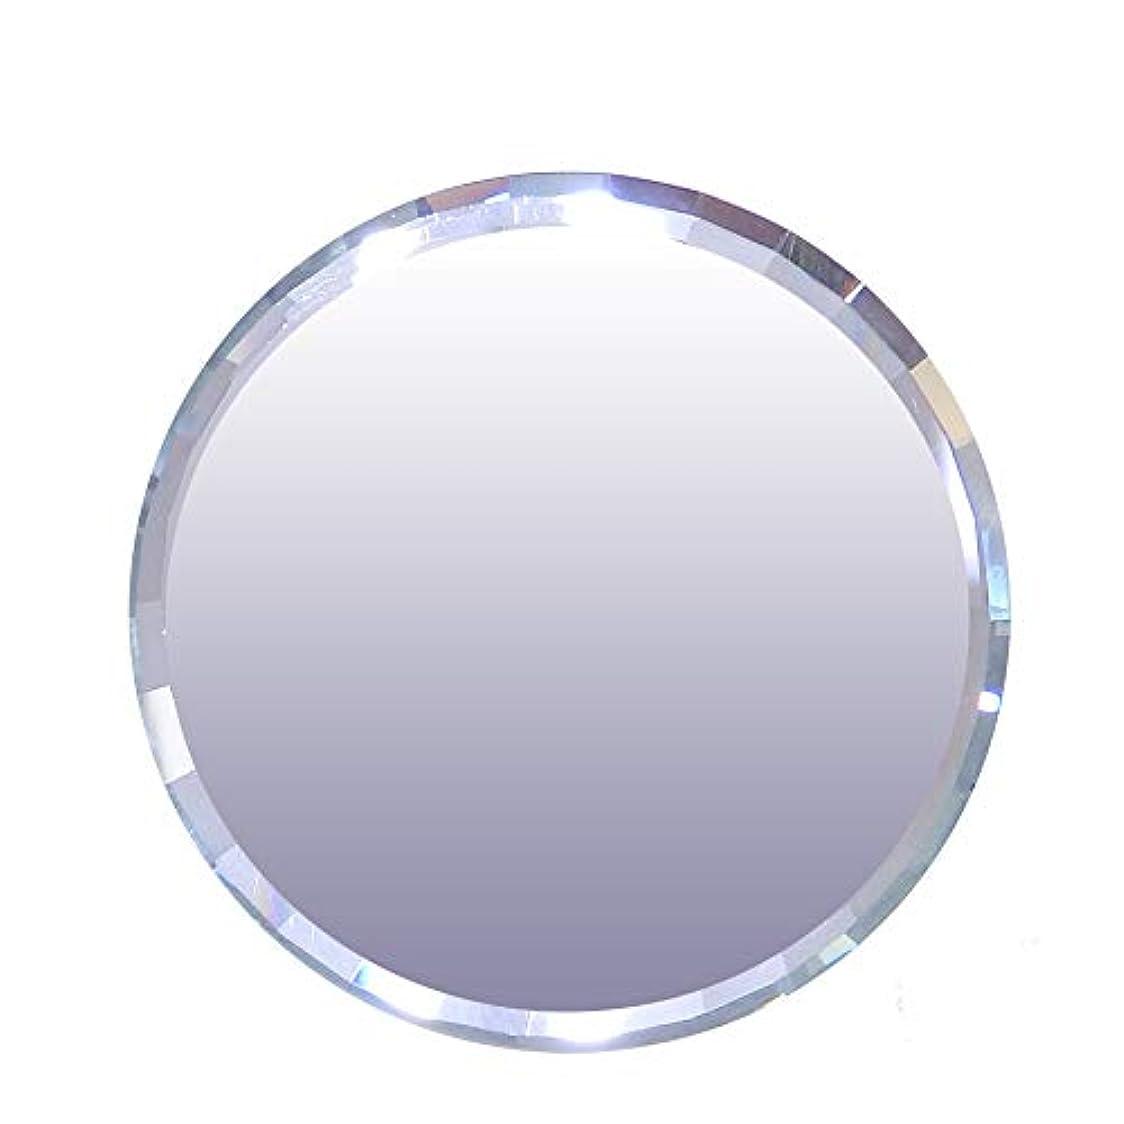 実現可能性リビングルームフラップミラーパレット ミラープレート #2 (クリスタル)